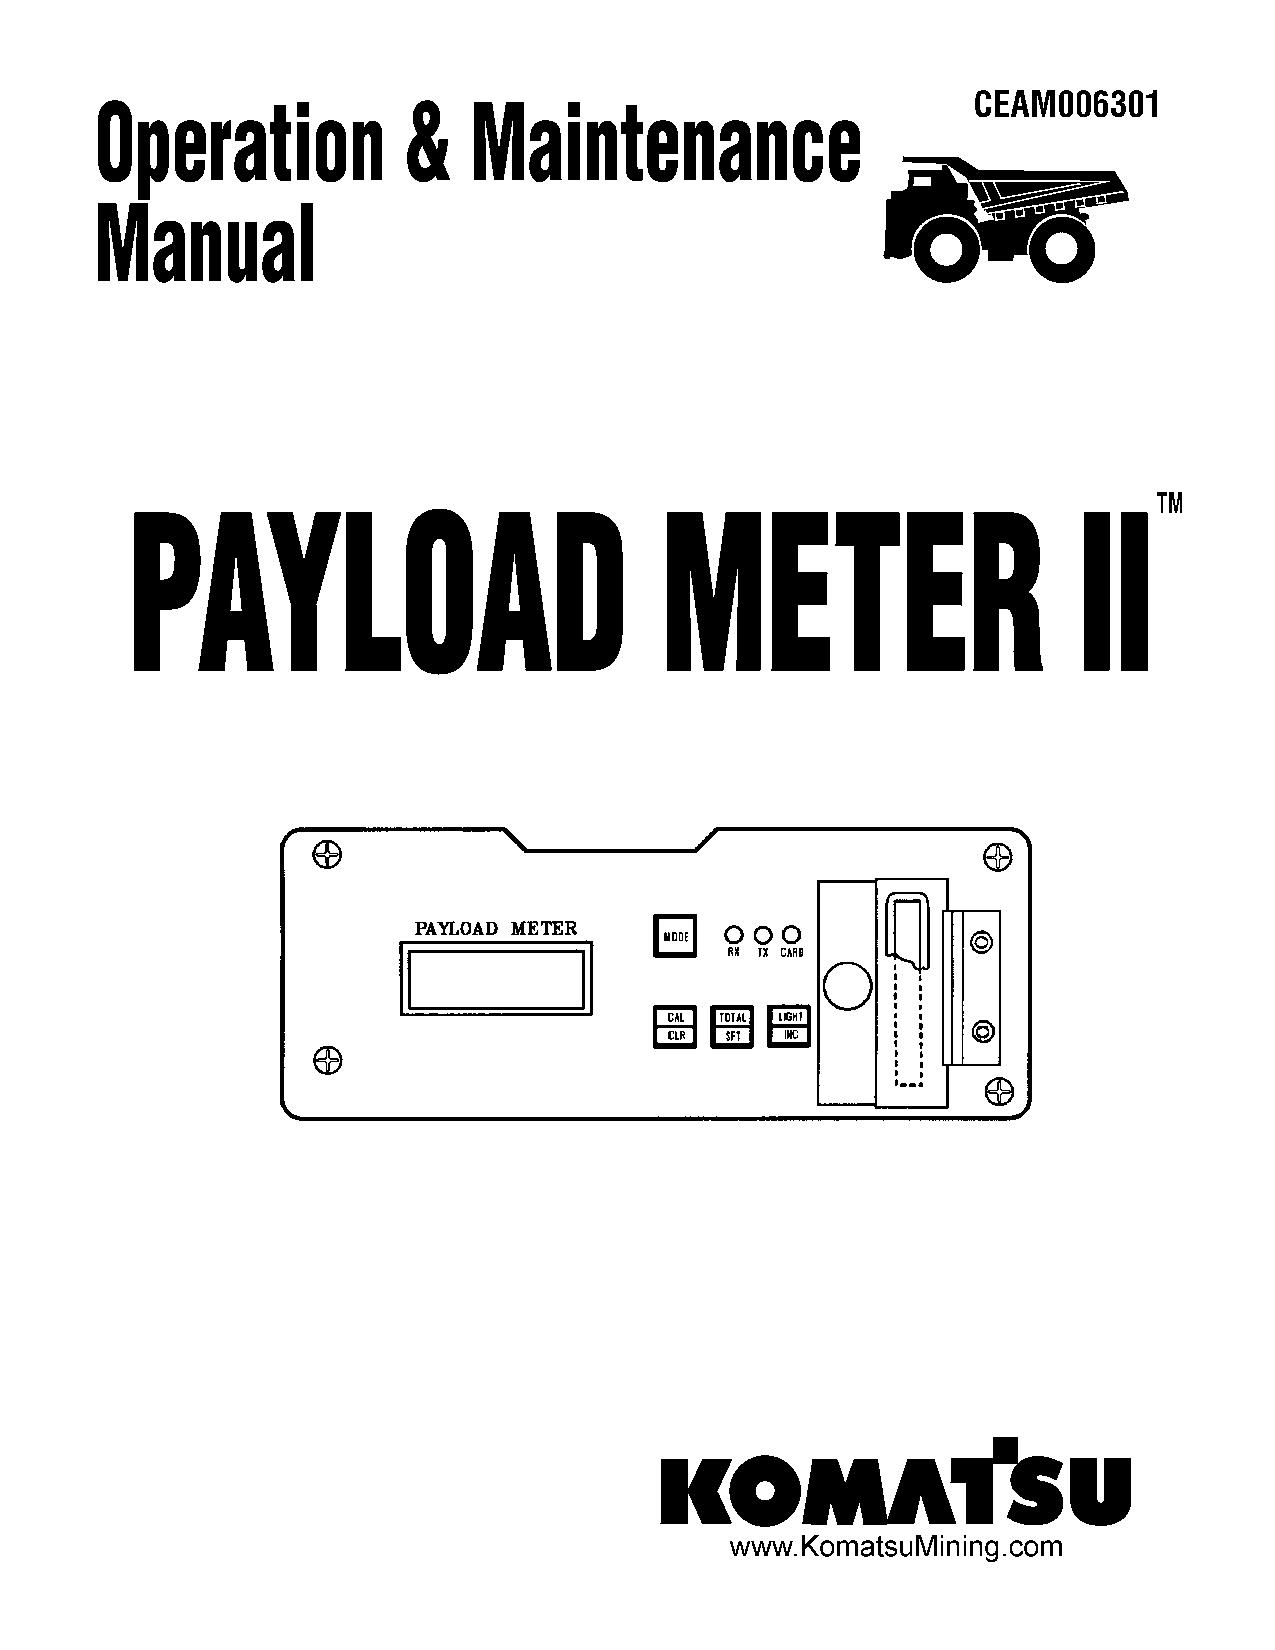 Komatsu PLM II Operation and Maintenance Manual